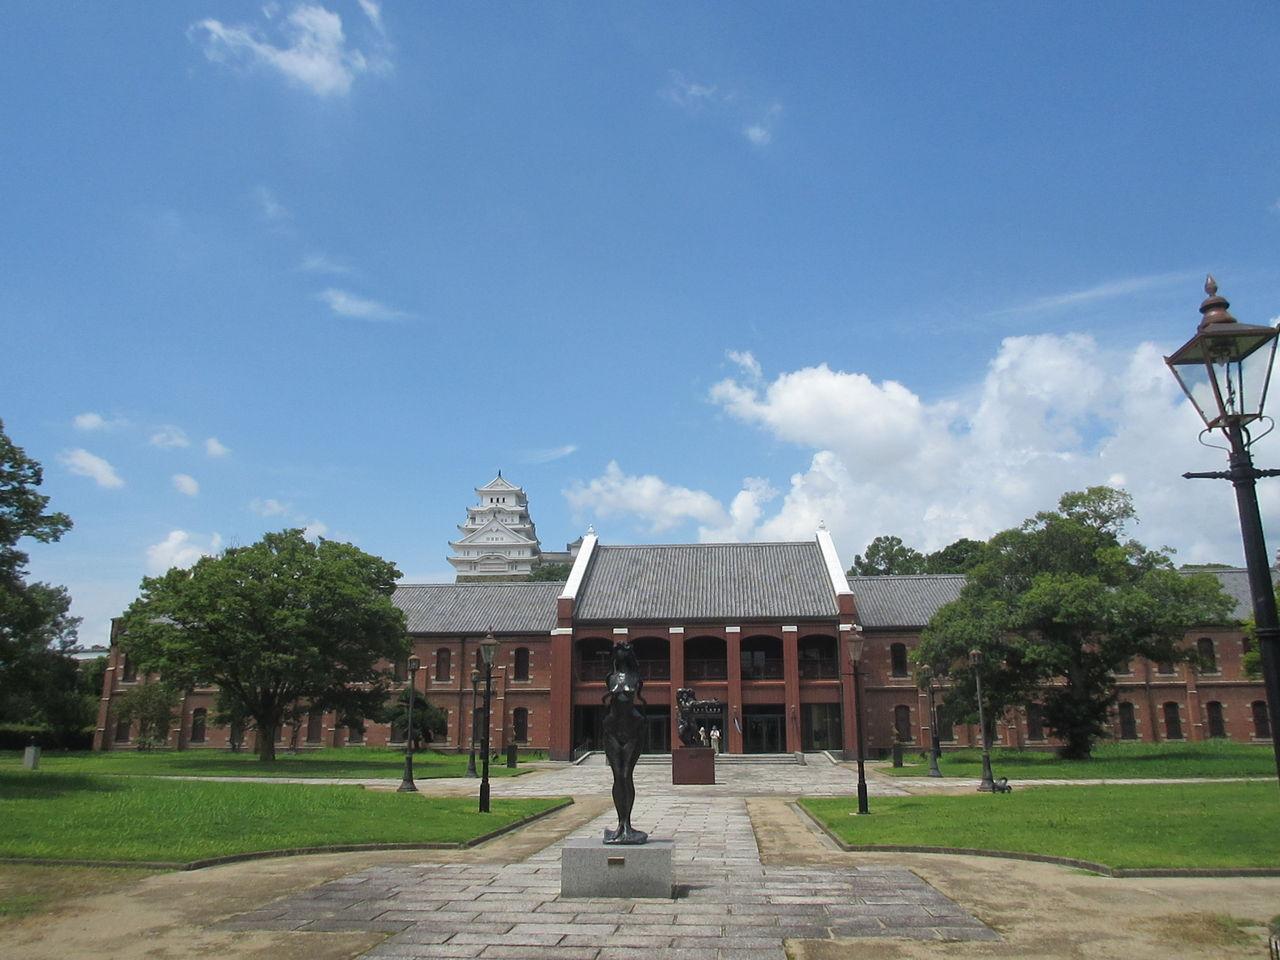 【生活】心にひととき、兵庫県立美術館・神戸市立博物館・姫路市立美術館などはどうですか?